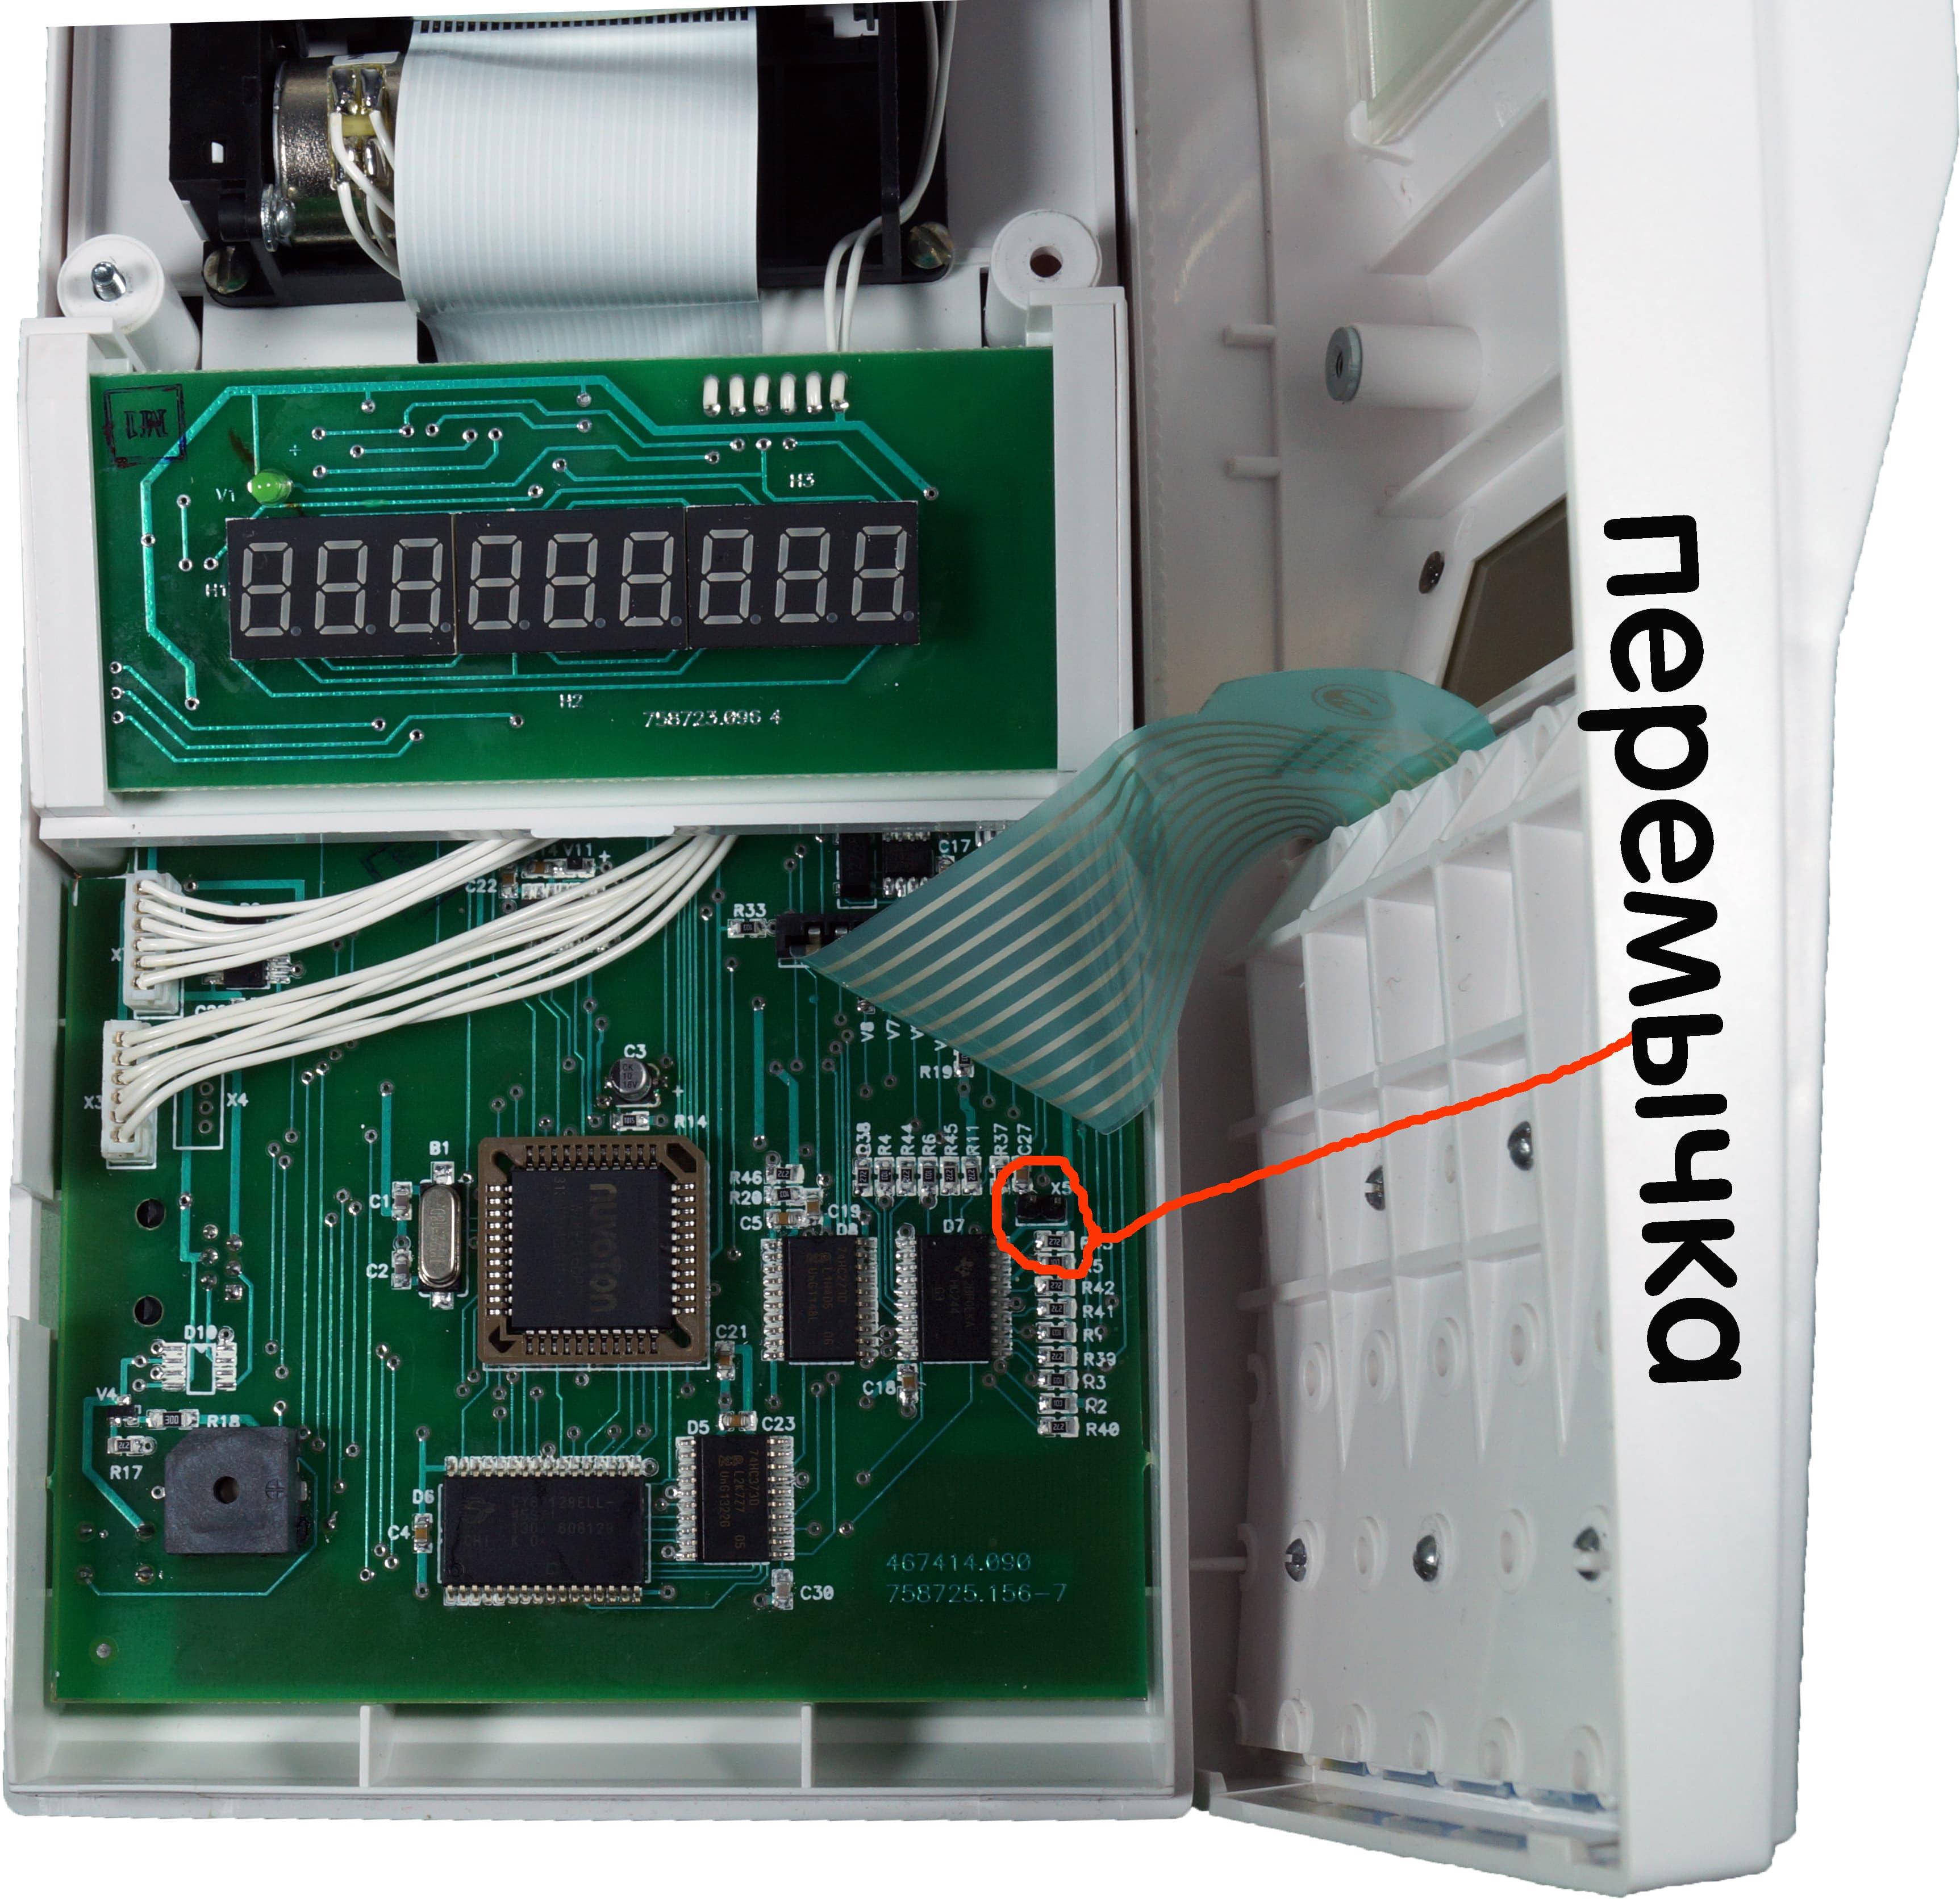 инструкция по работе с кассовым аппаратам орион 100к